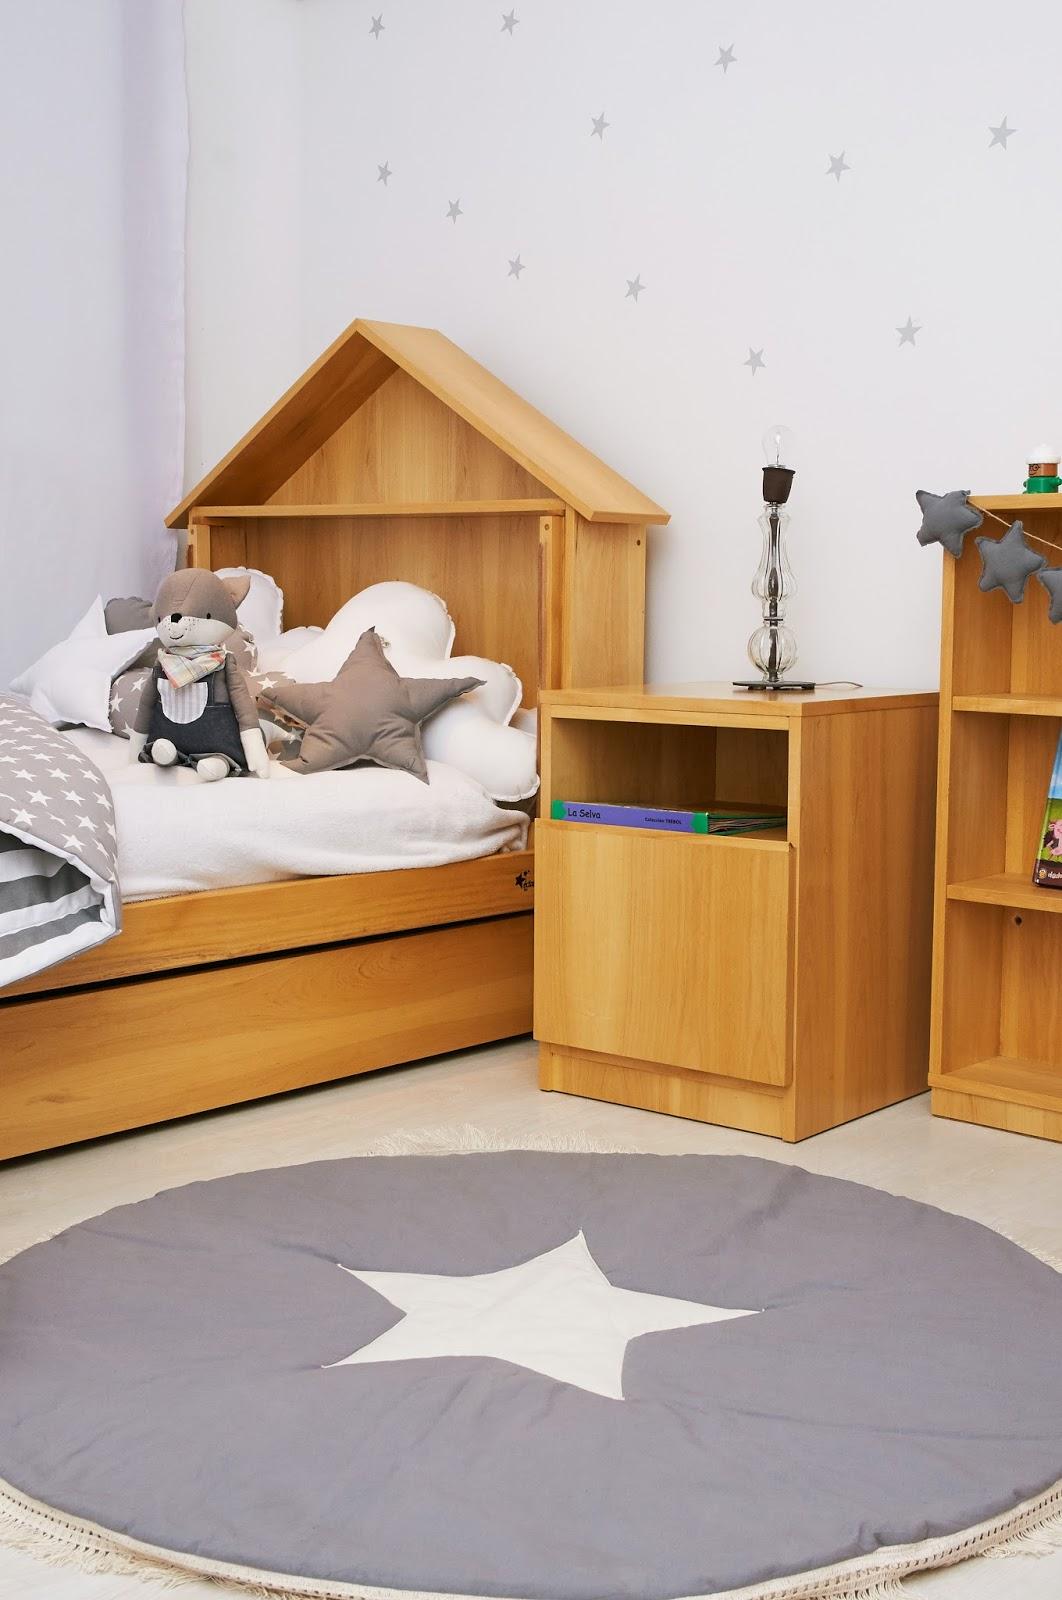 clat disea muebles para chicos y grandes cocinas livings espacios de trabajo con la premisa de ofrecer productos nicos su produccin es boutique